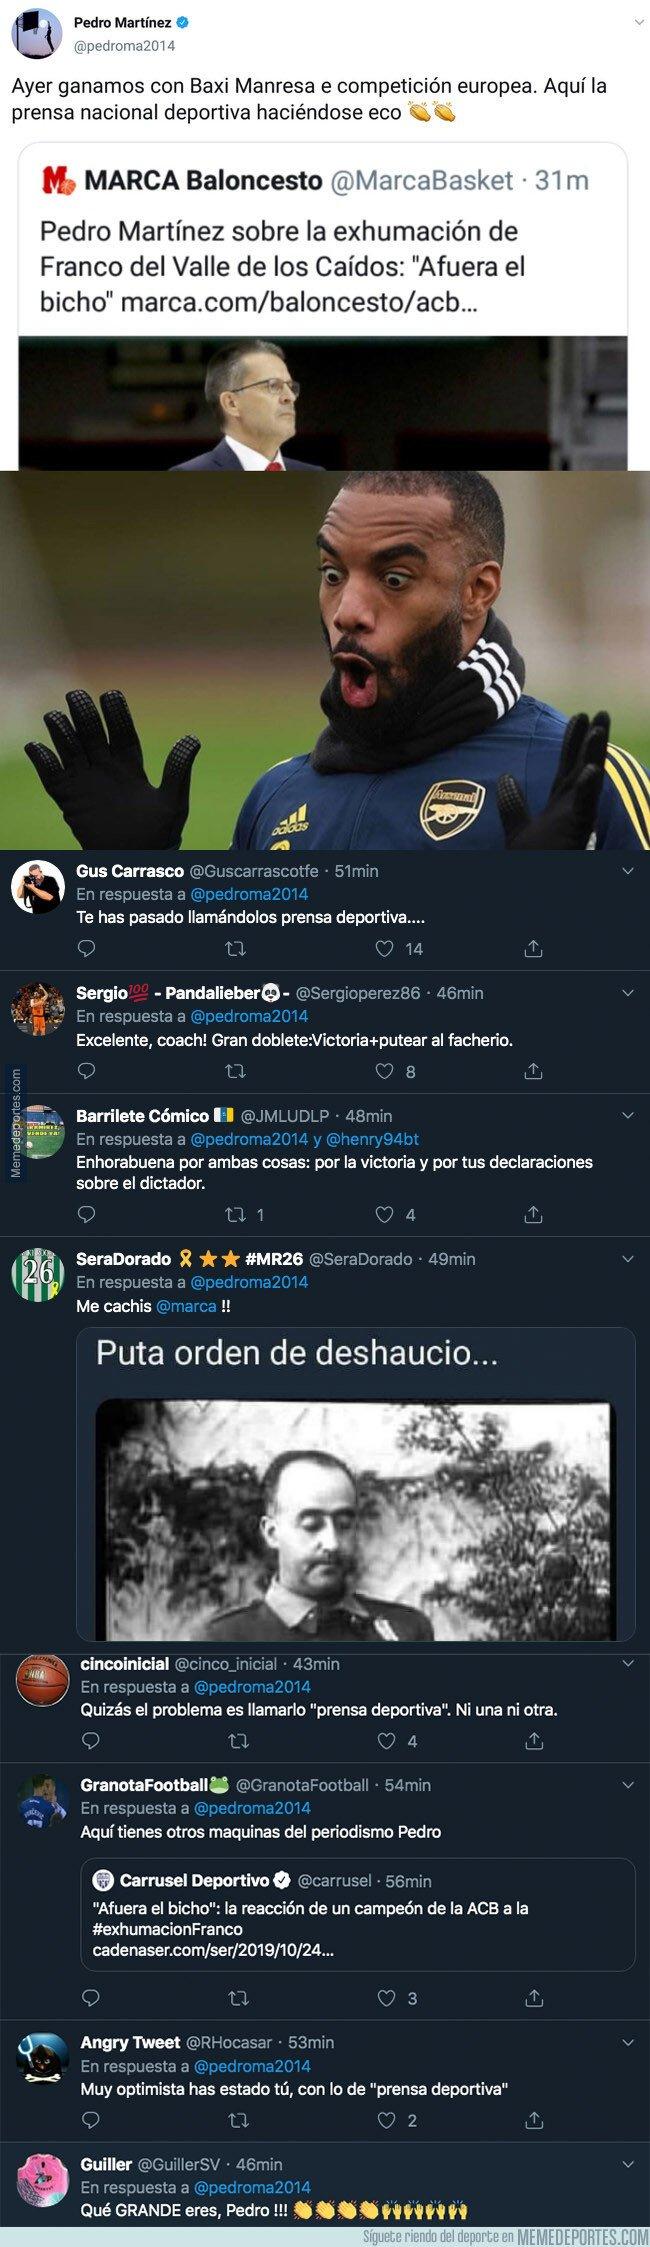 1089177 - Tremendo zasca de Pedro Martínez, entrenador del Baxi Manresa, al diario Marca con la exhumación de Franco de por medio